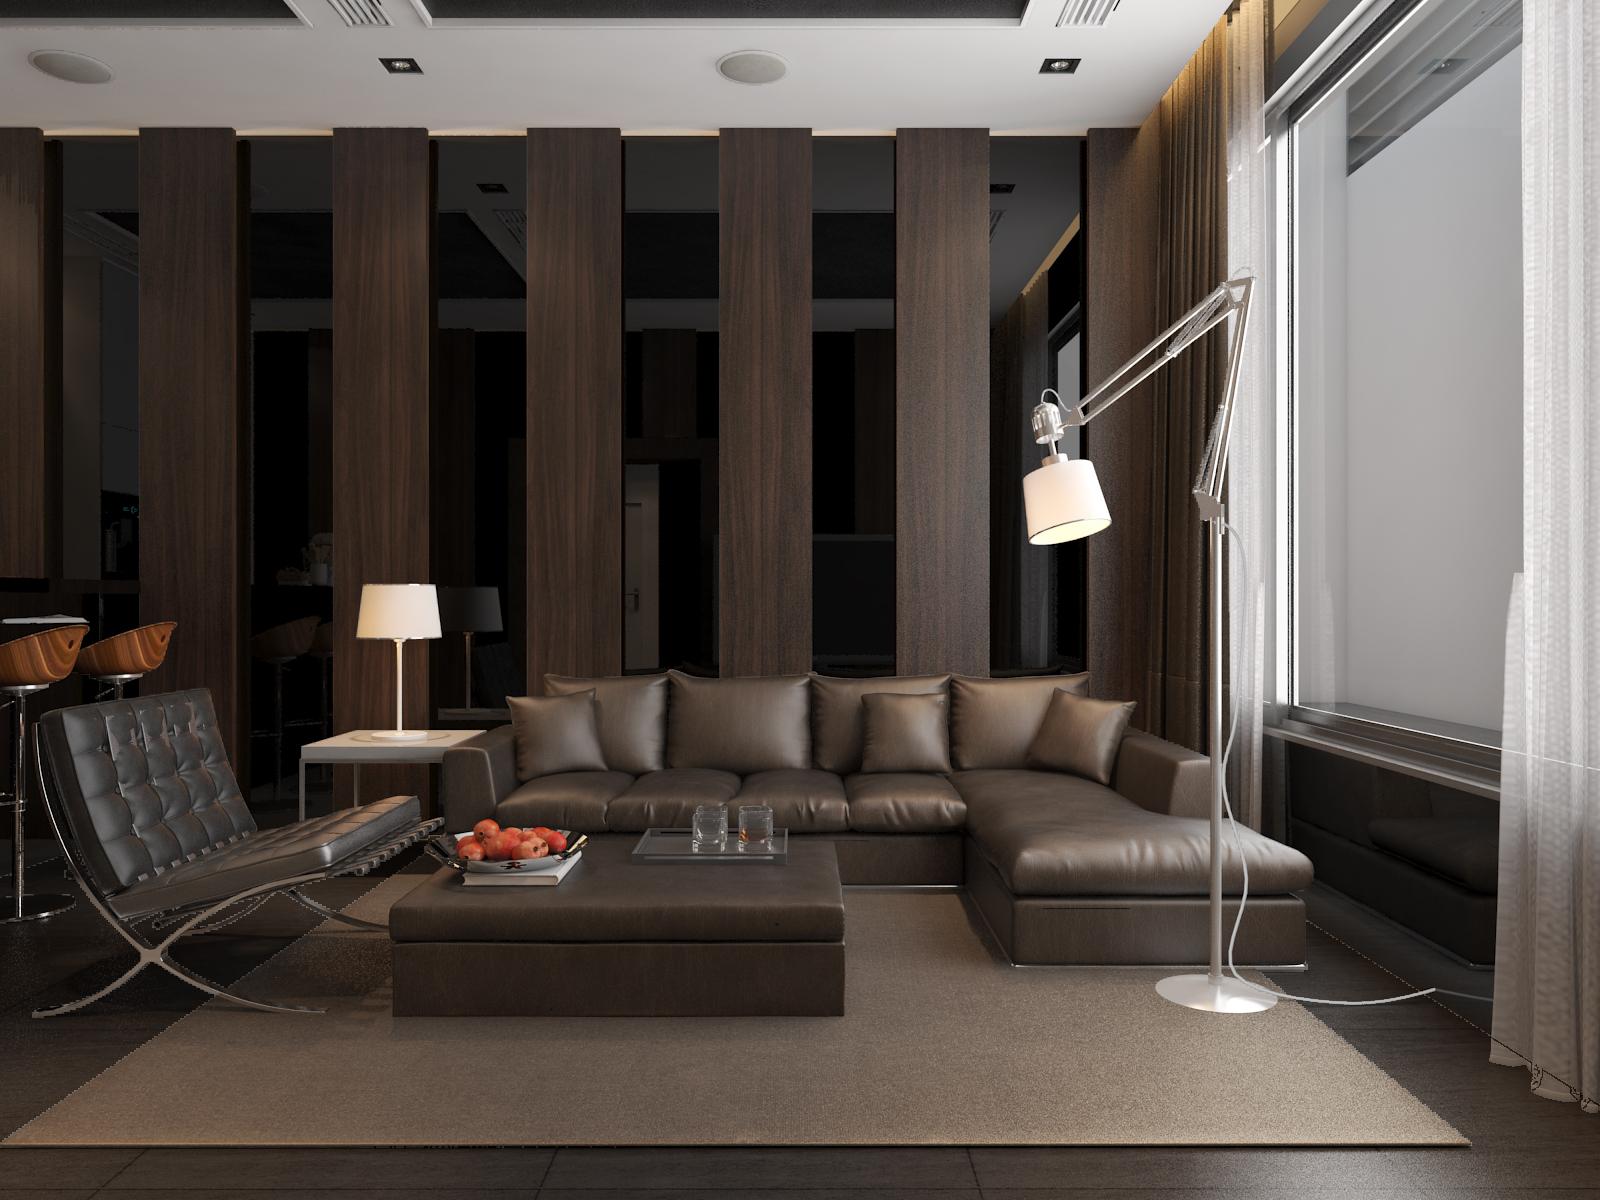 thiết kế nội thất Biệt Thự tại Hà Nội bt Vinhomes - riverside 56 1568085379